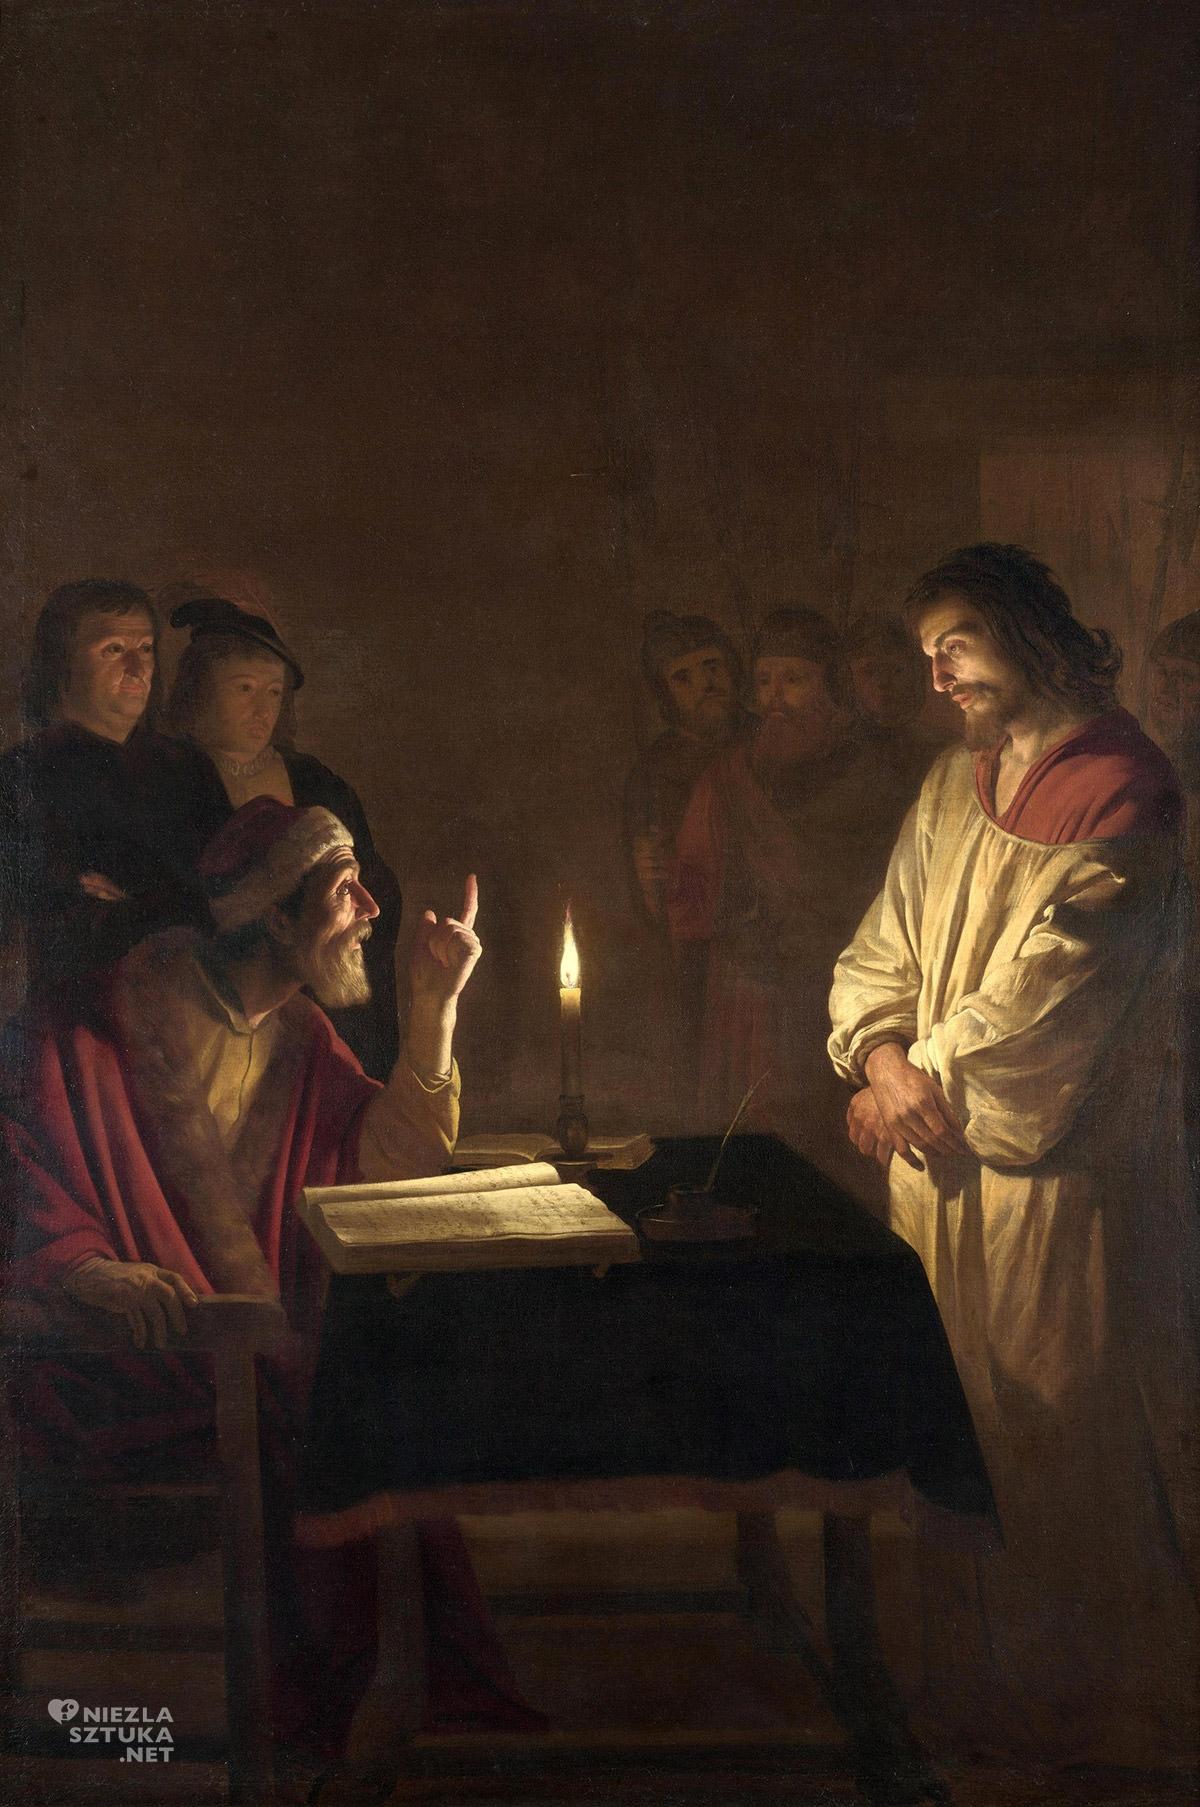 Gerrit van Honthorst, Chrystus przed Kajfaszem, malarstwo religijne, sztuka niderlandzka, barok, szkoła utrechcka, caravaggionizm, Niezła Sztuka